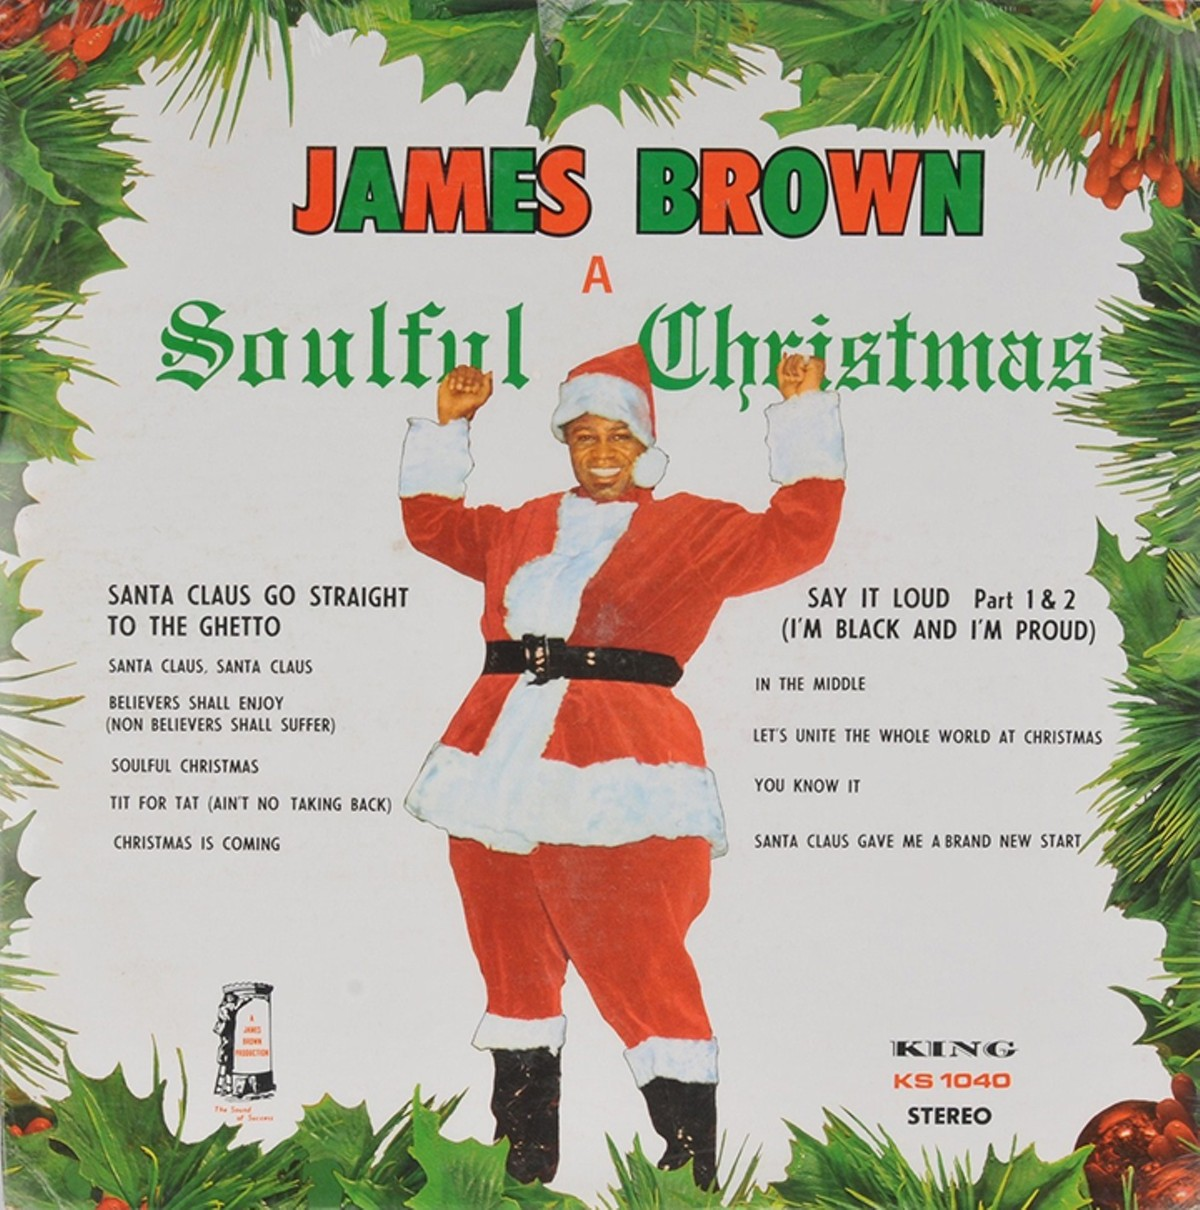 gal_drink_james_brown_christmas.jpeg.jpg